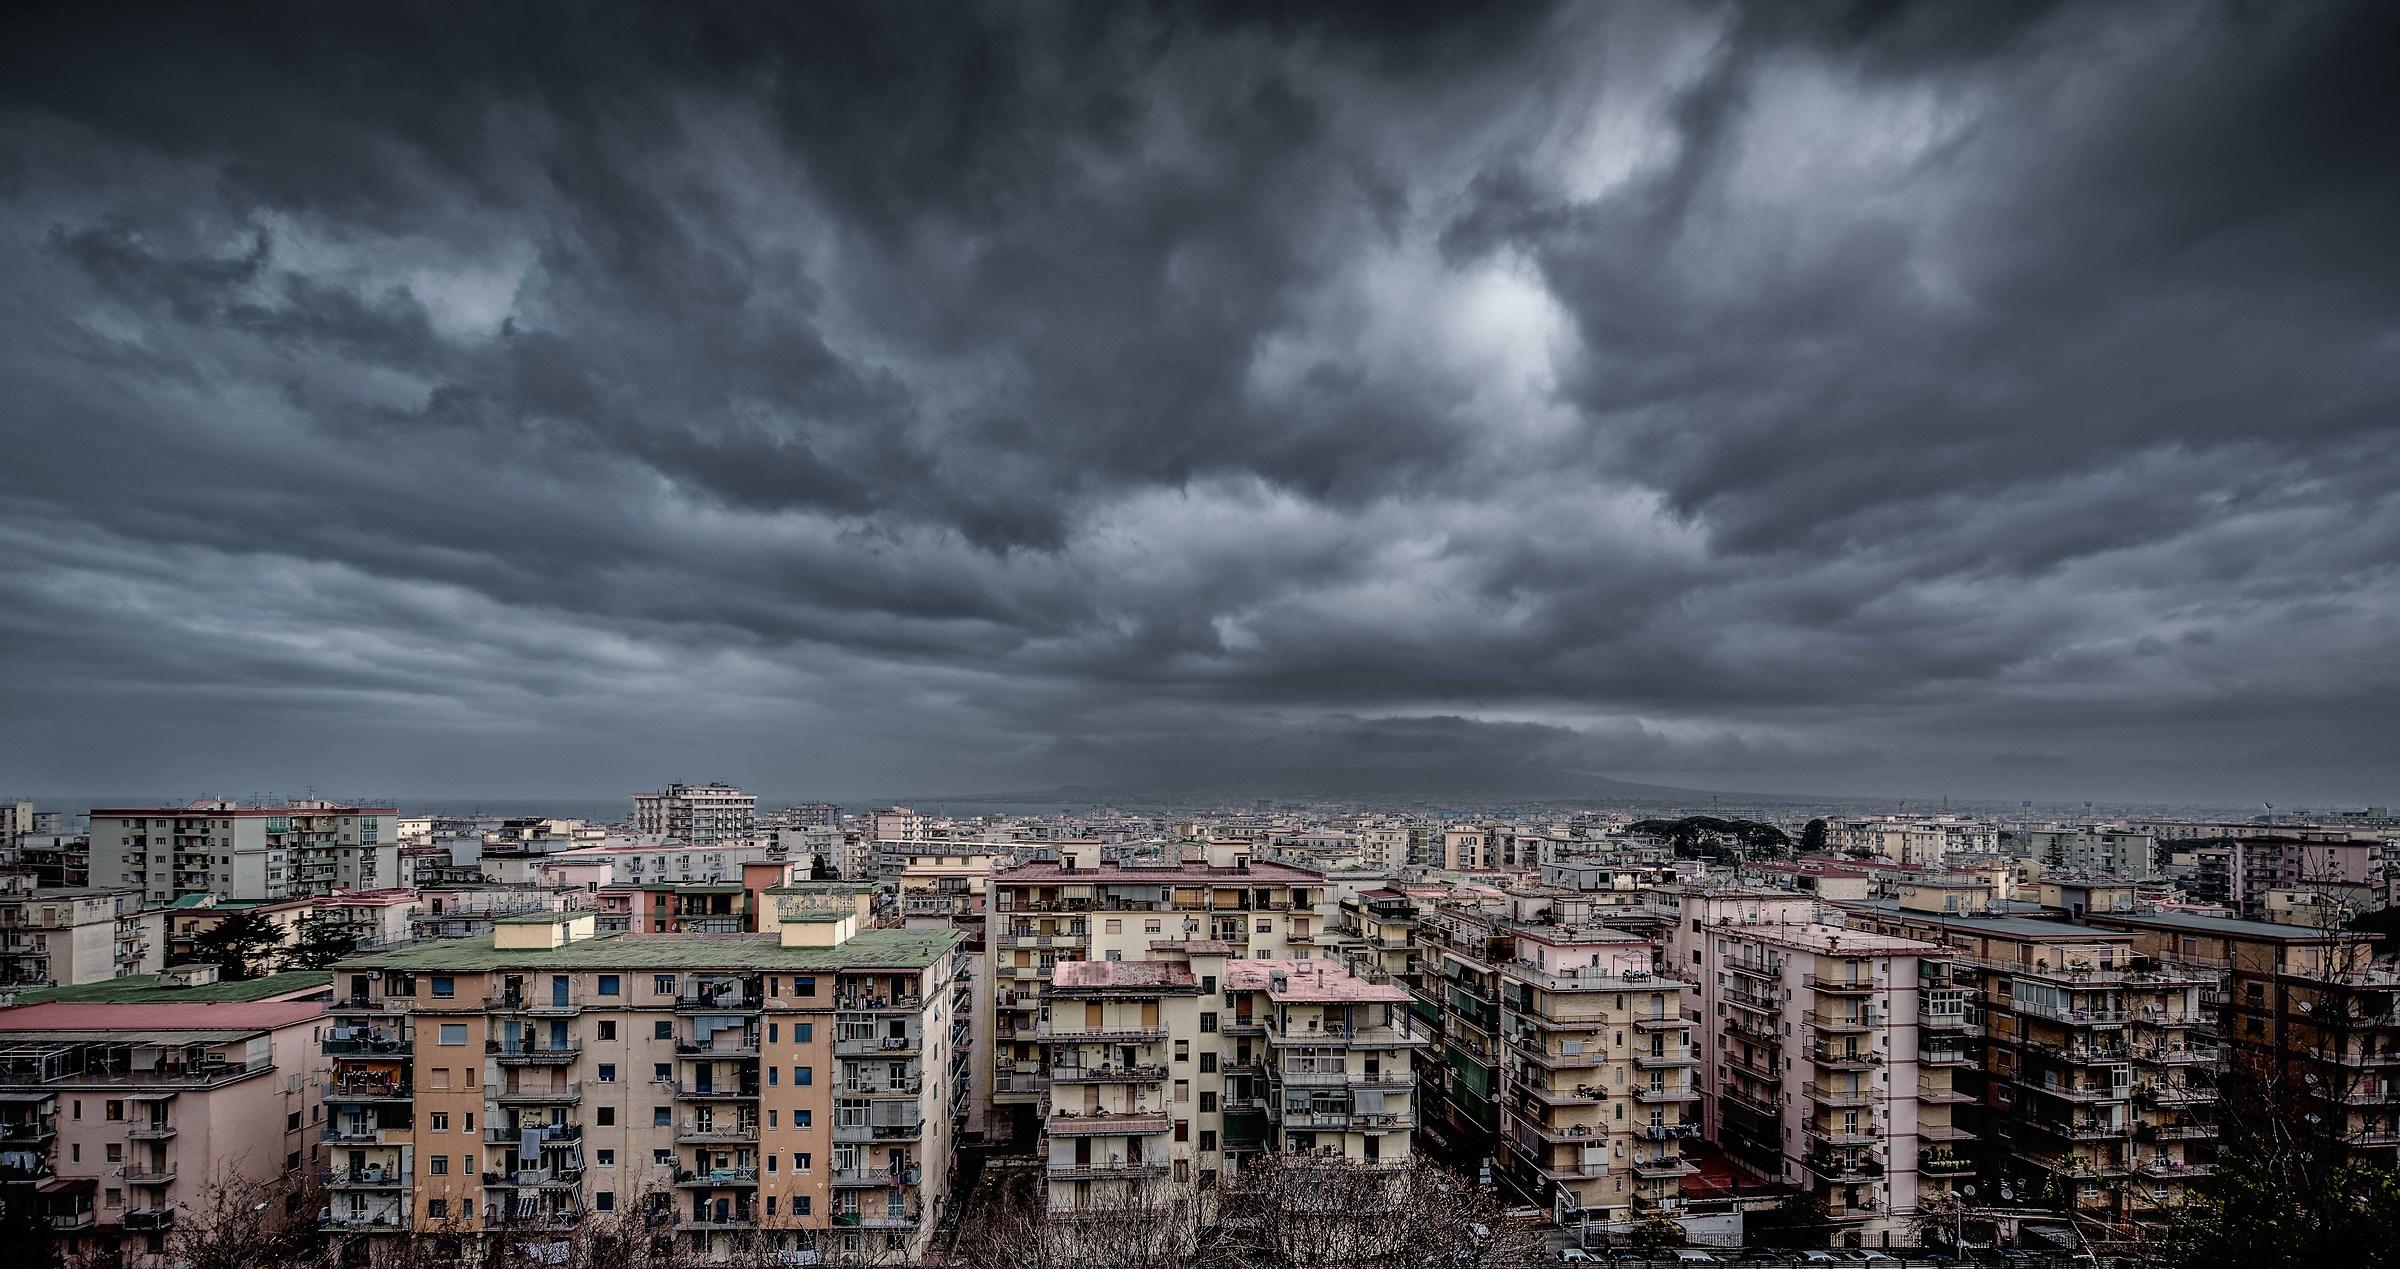 Air gloomy and black...